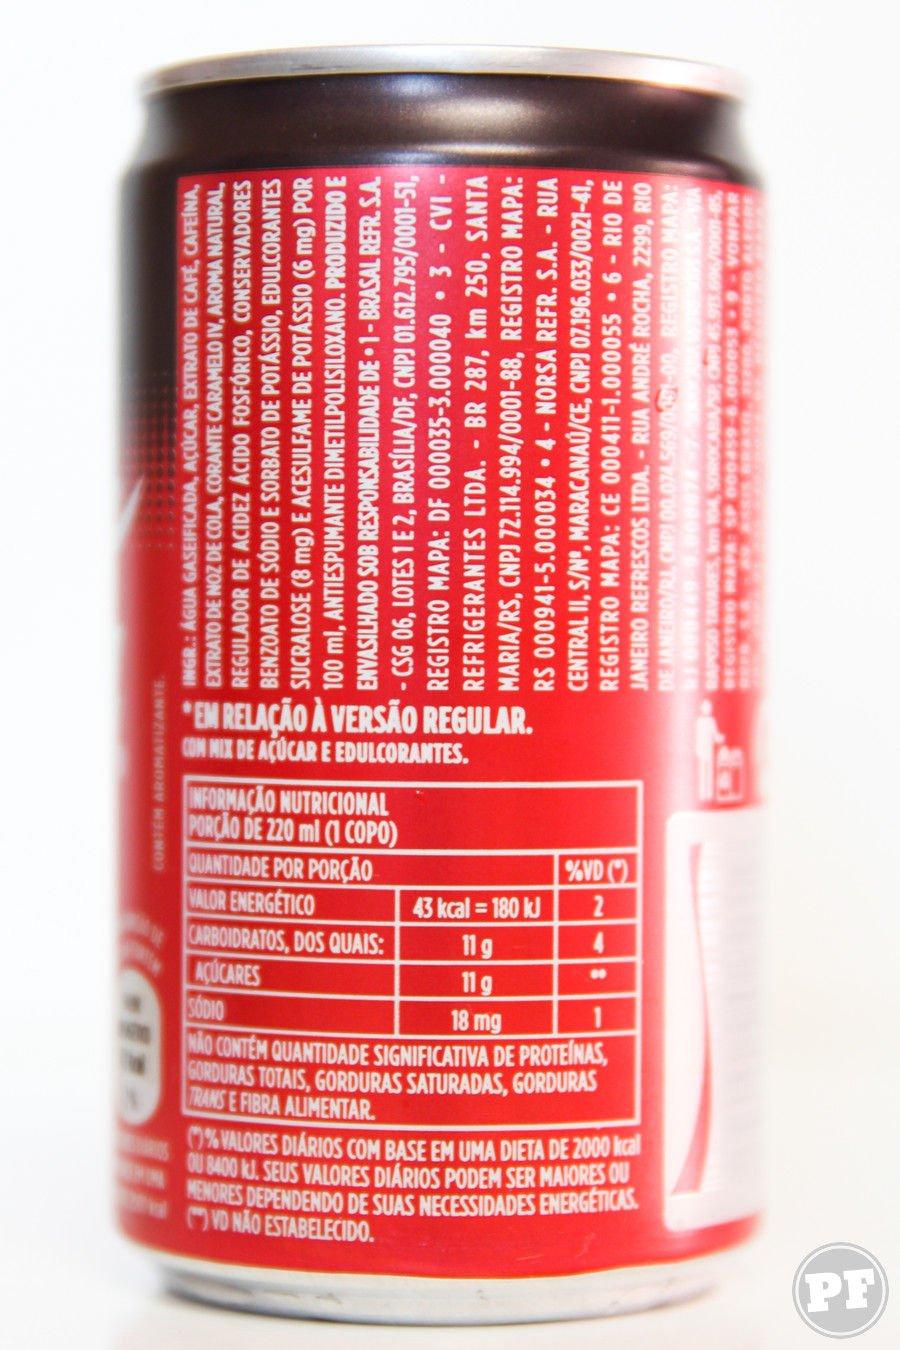 Lista de ingredientes e tabela nutricional da Lata de coca-cola plus café